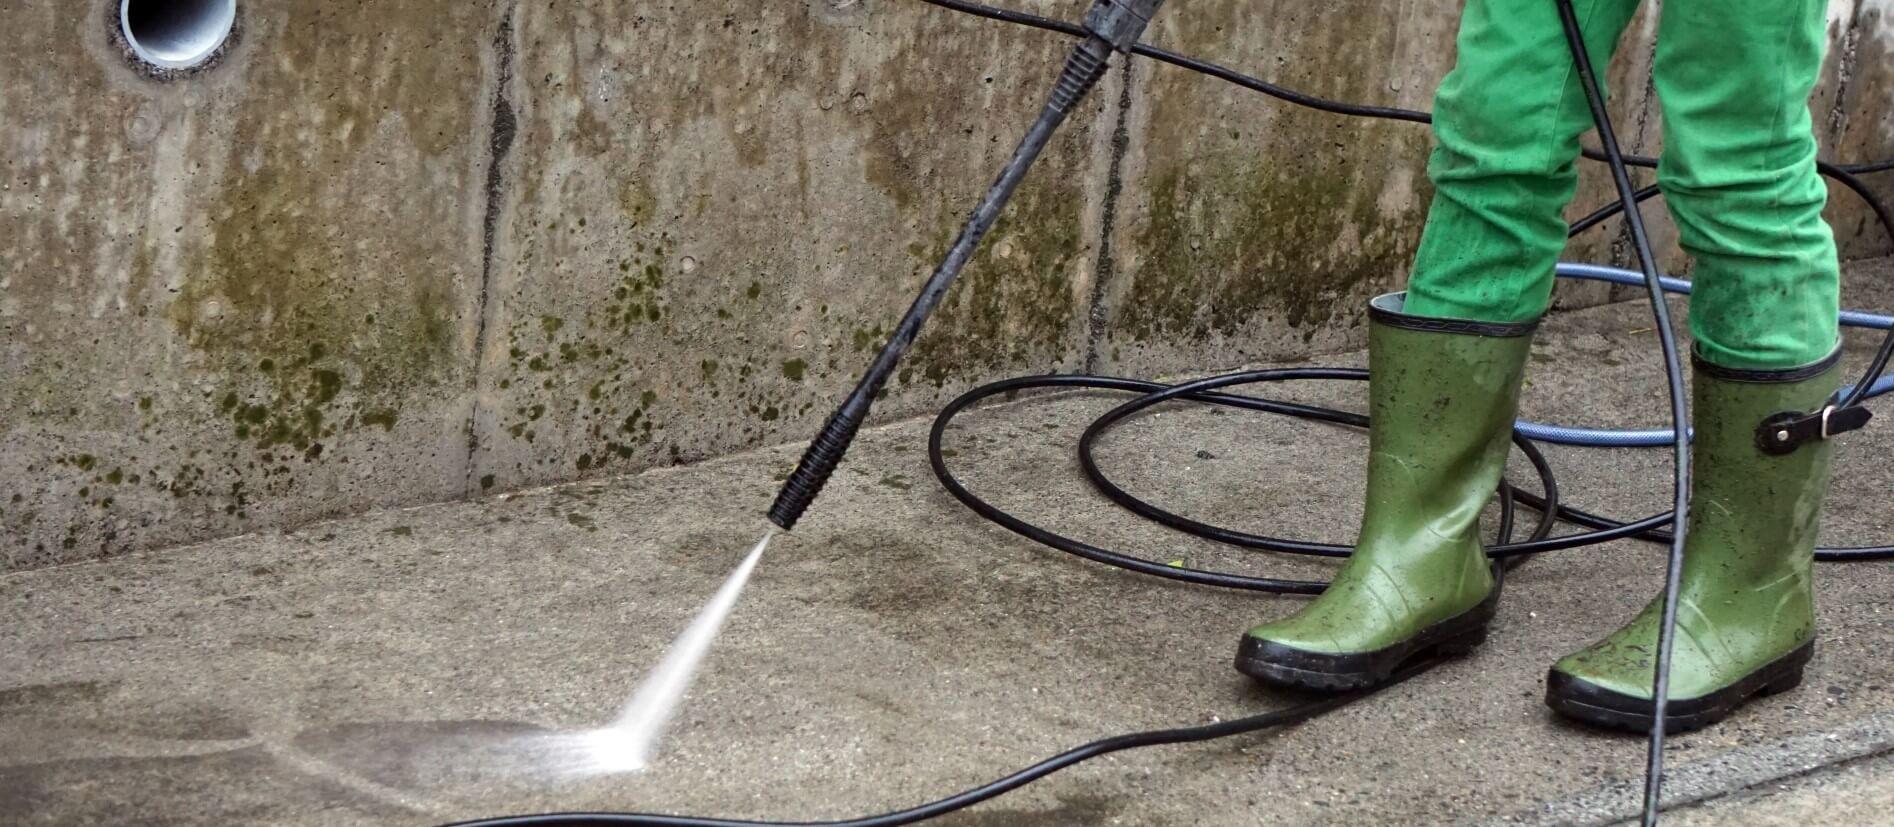 トイレのつまり・水漏れ等、水まわりのトラブルの修理・解決ならザットマン